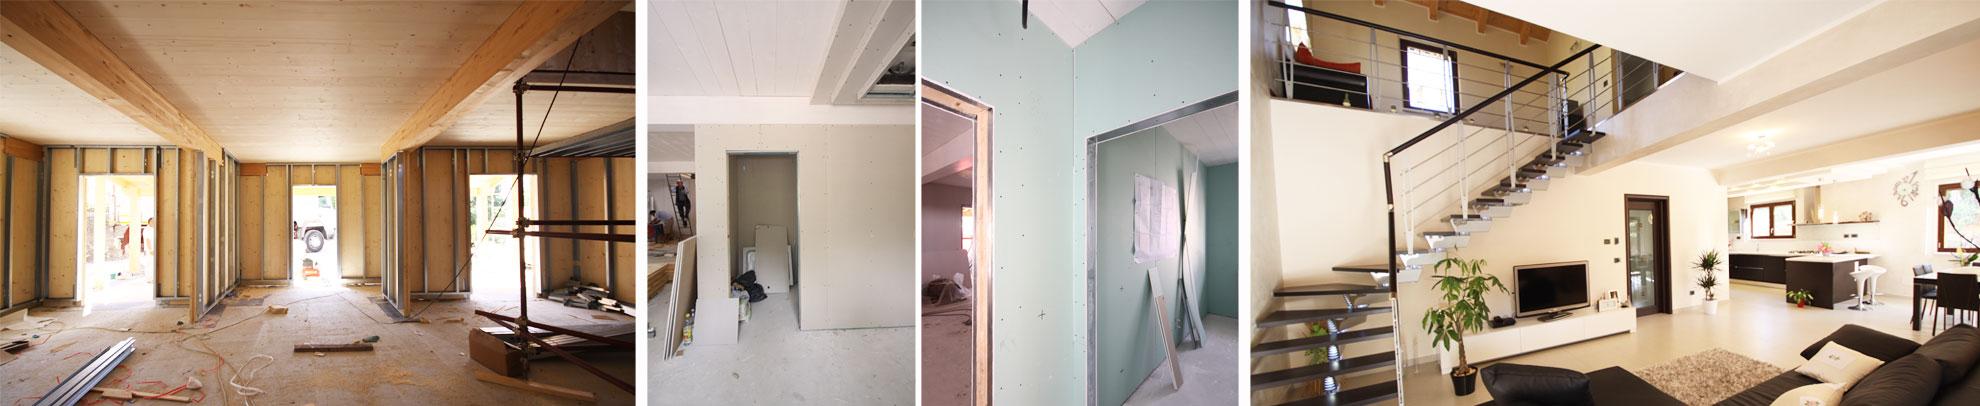 LACOST-casa-in-legno-finiture-interne